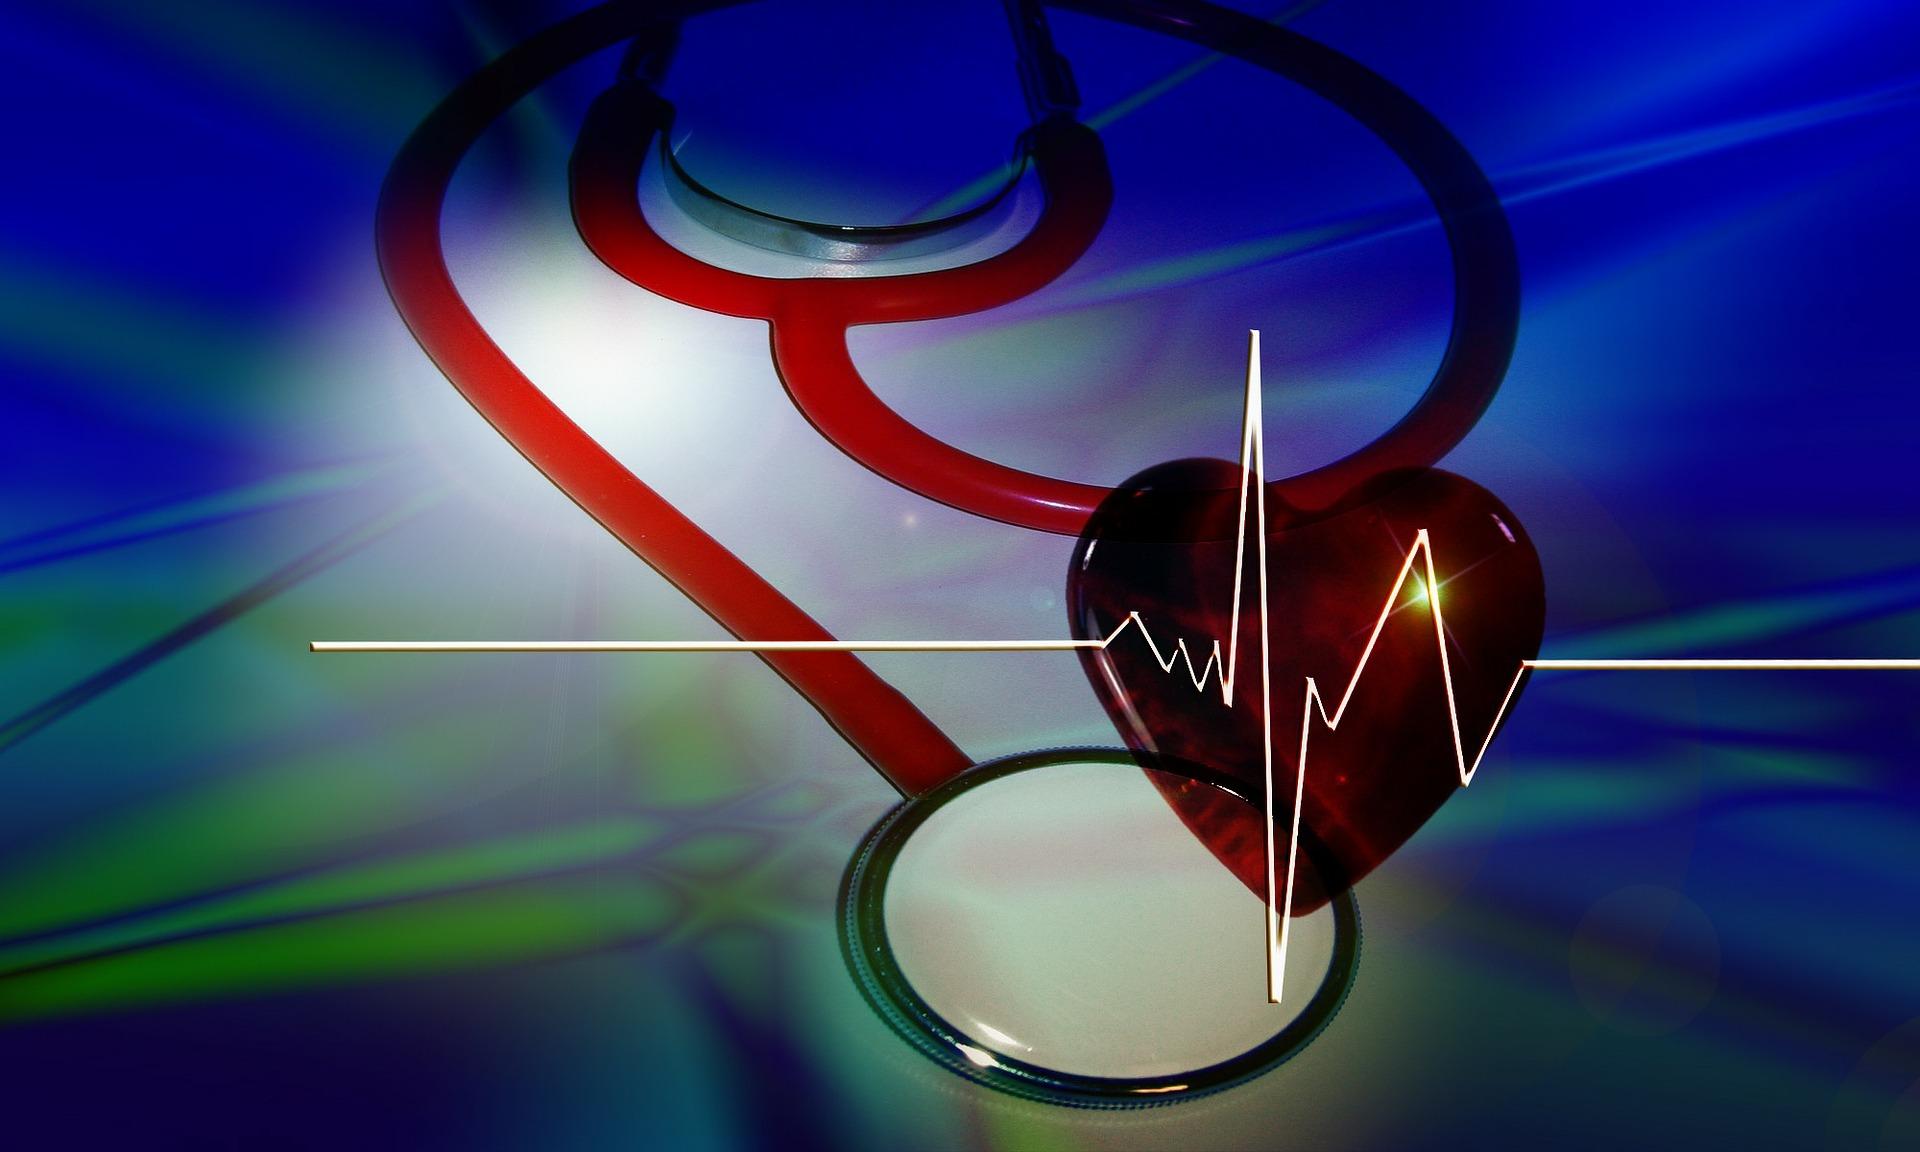 Equipamentos e métodos para tratamento